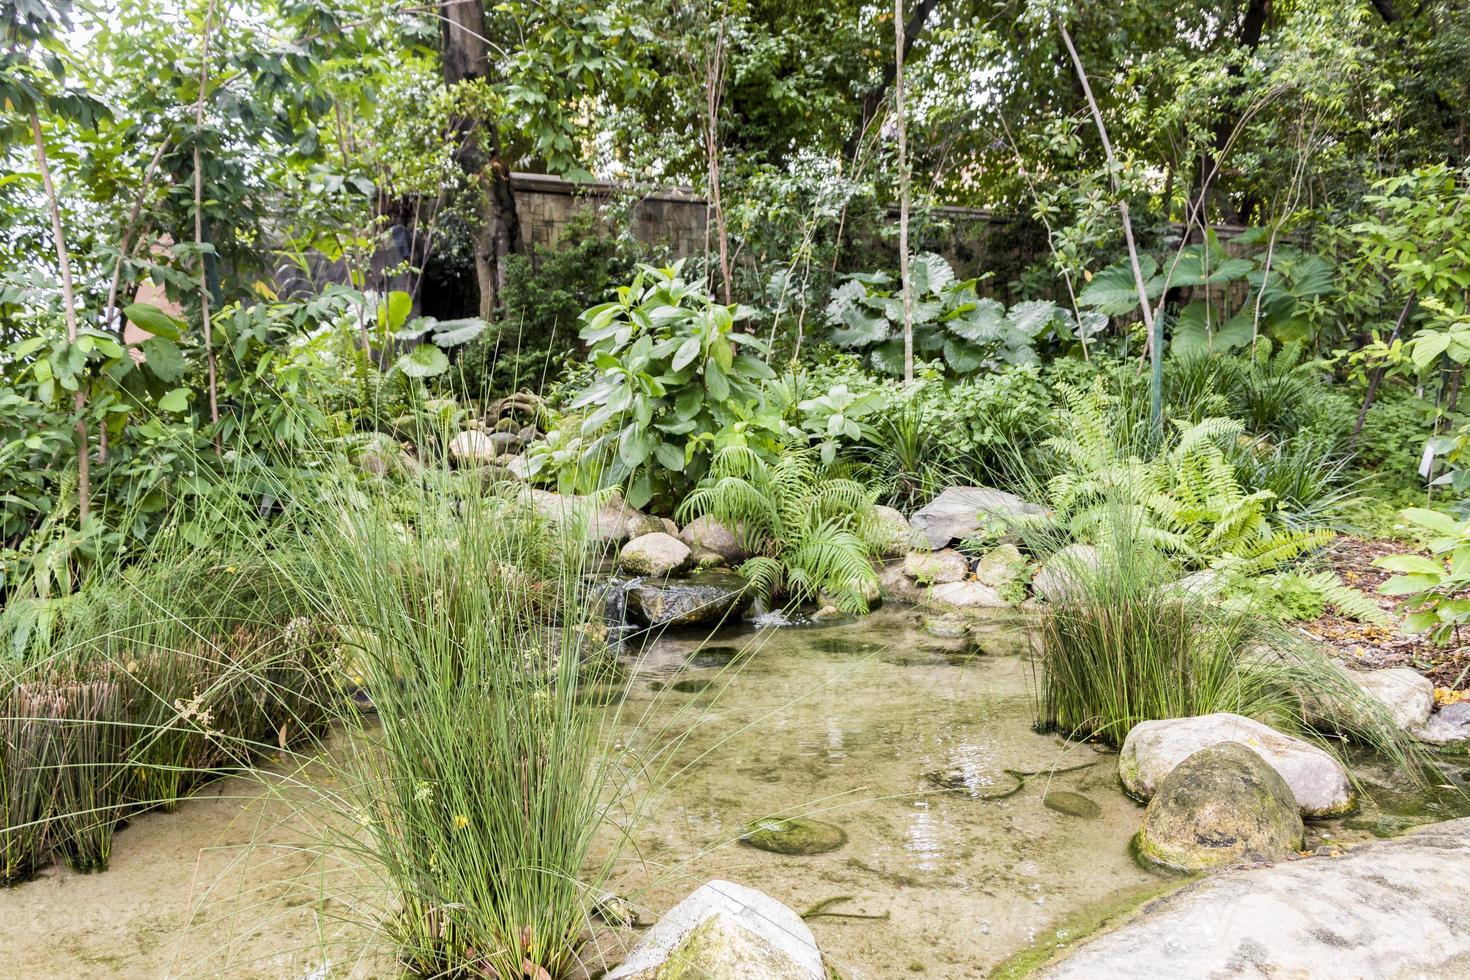 hermoso estanque de jardín en medio de la ciudad de kuala lumpur, malasia. foto